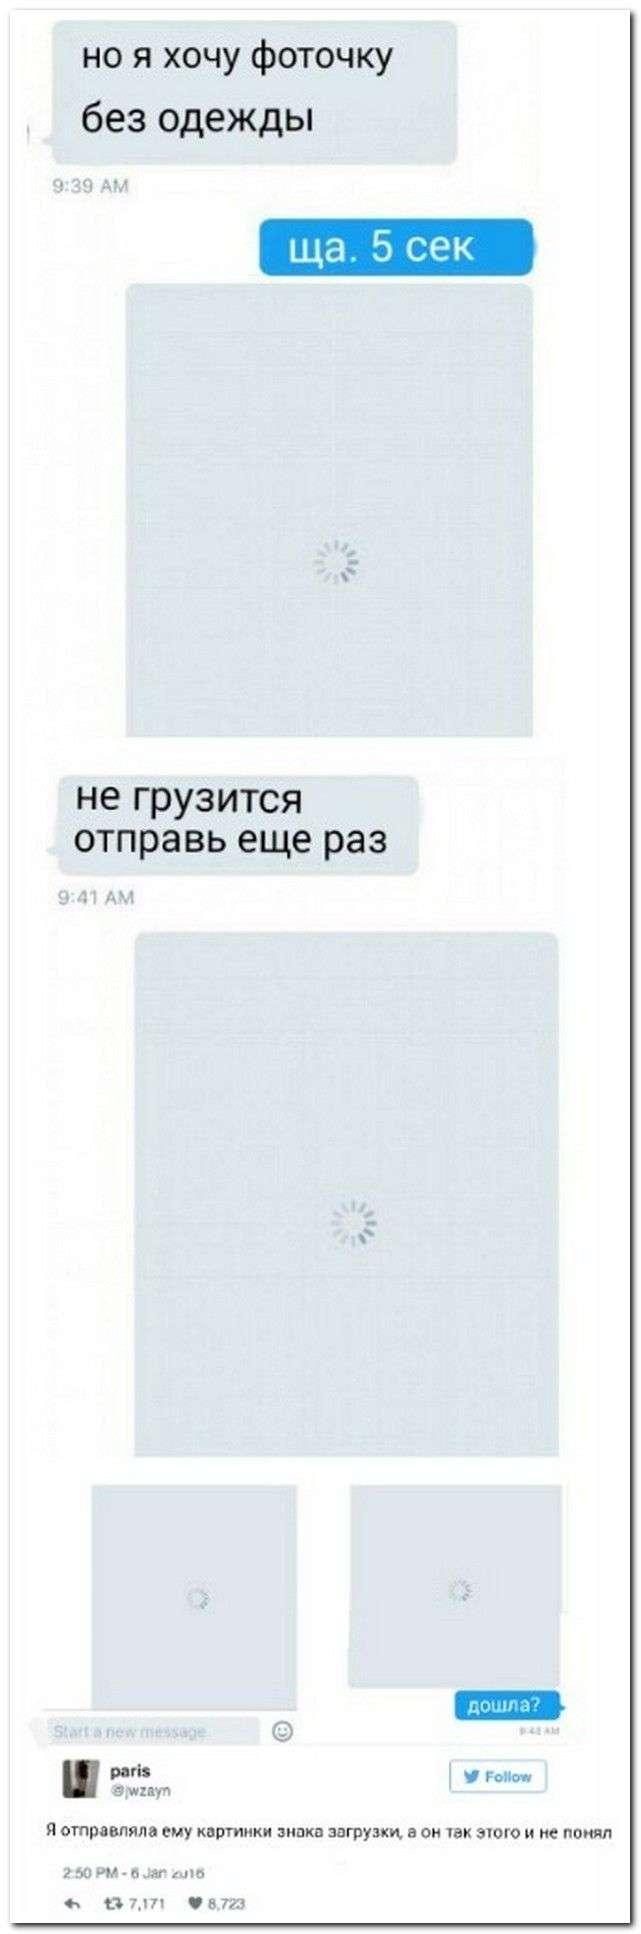 Смешные комментарии из социальных сетей 22.02.16